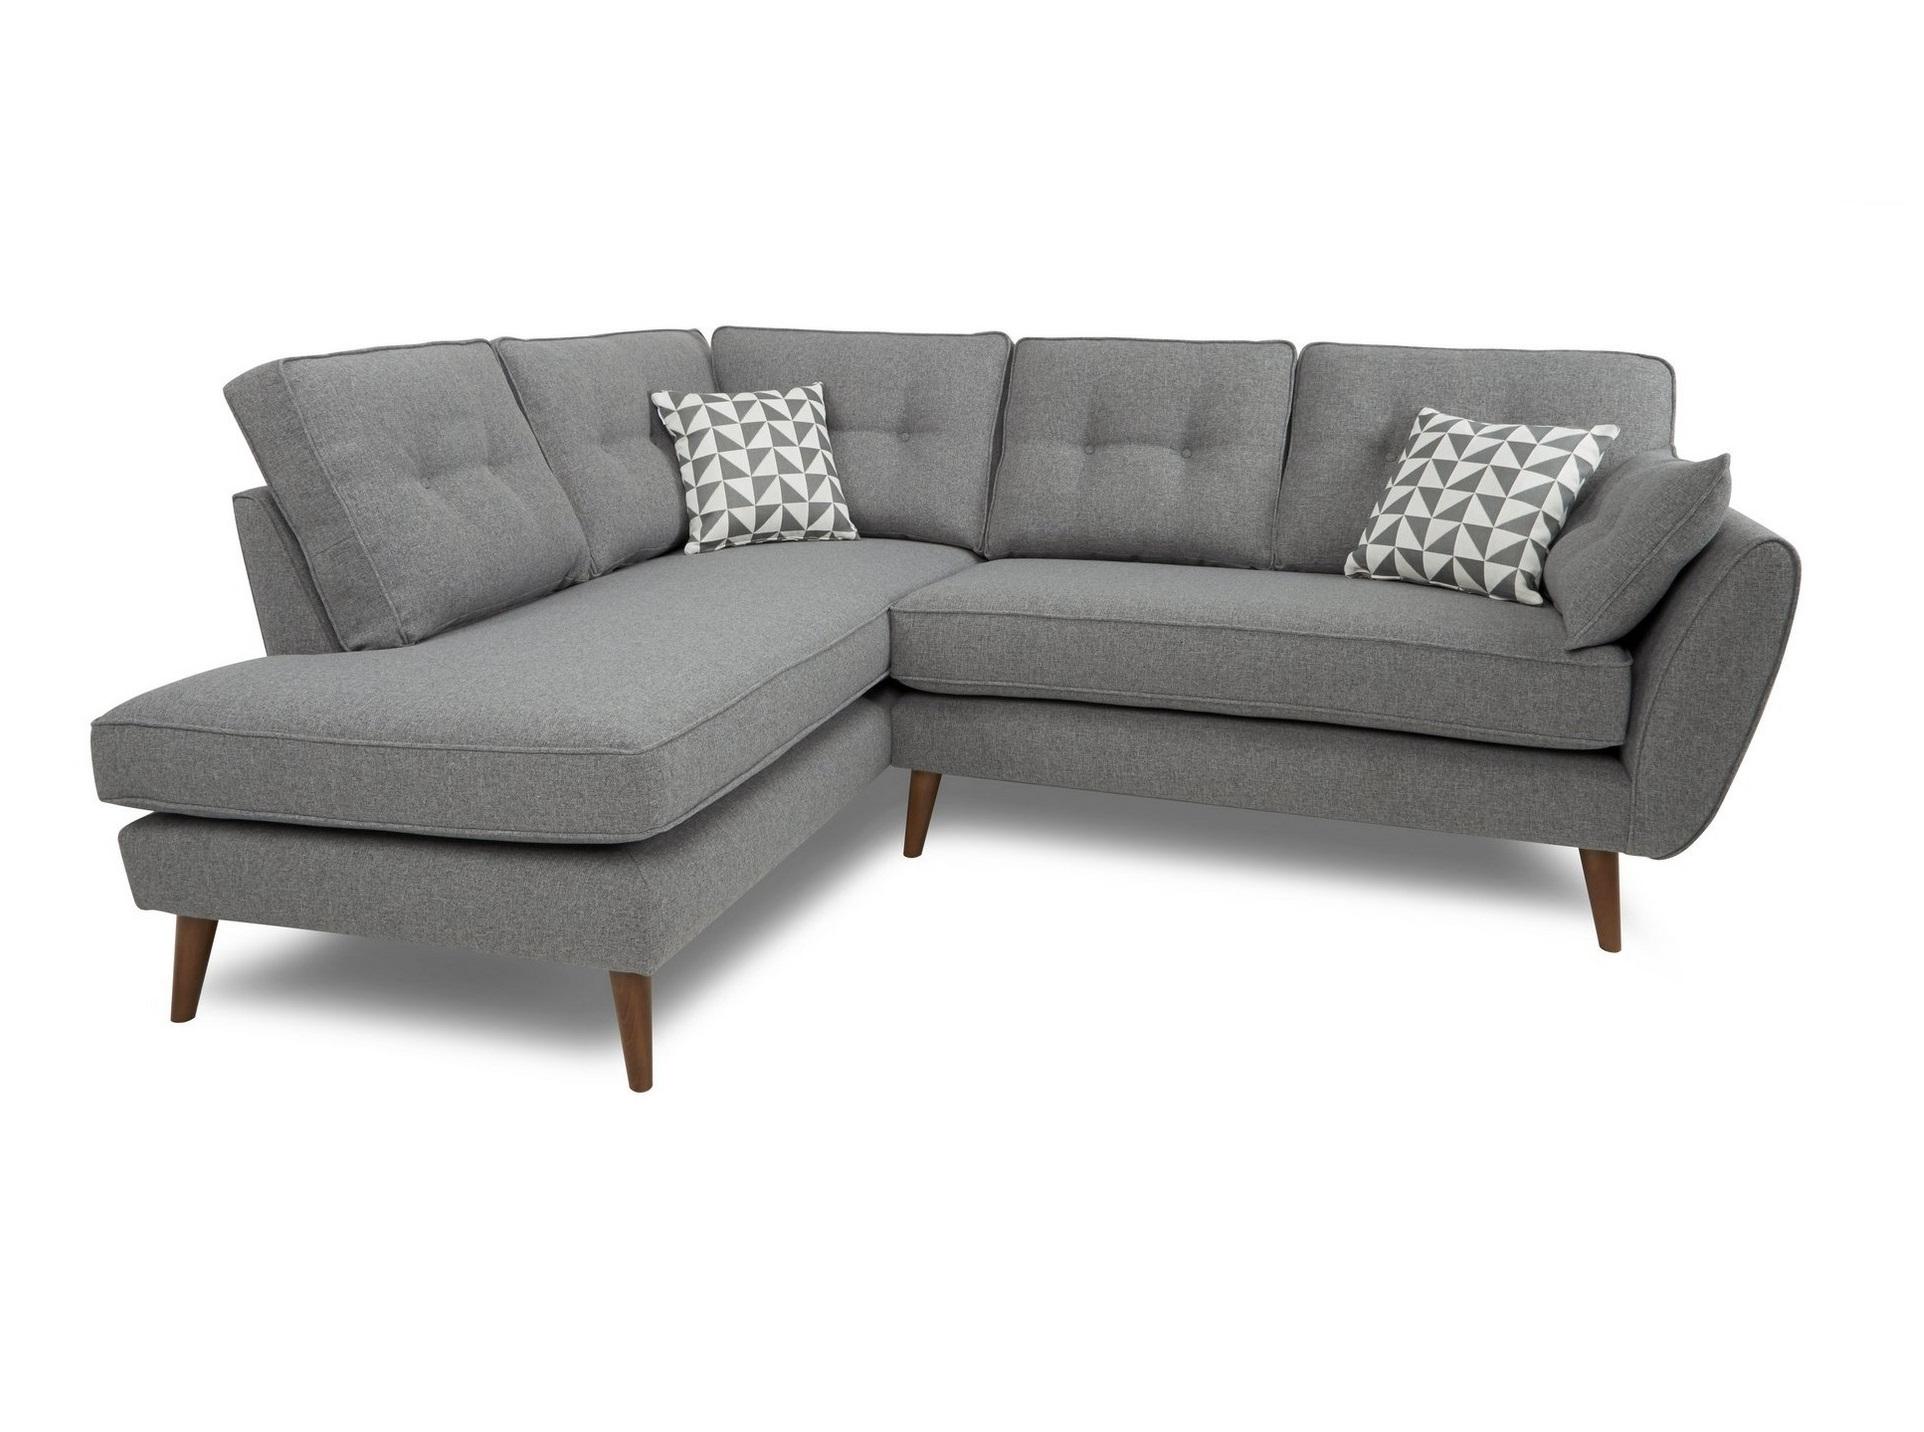 Myfurnish угловой диван vogue серый  71088/1